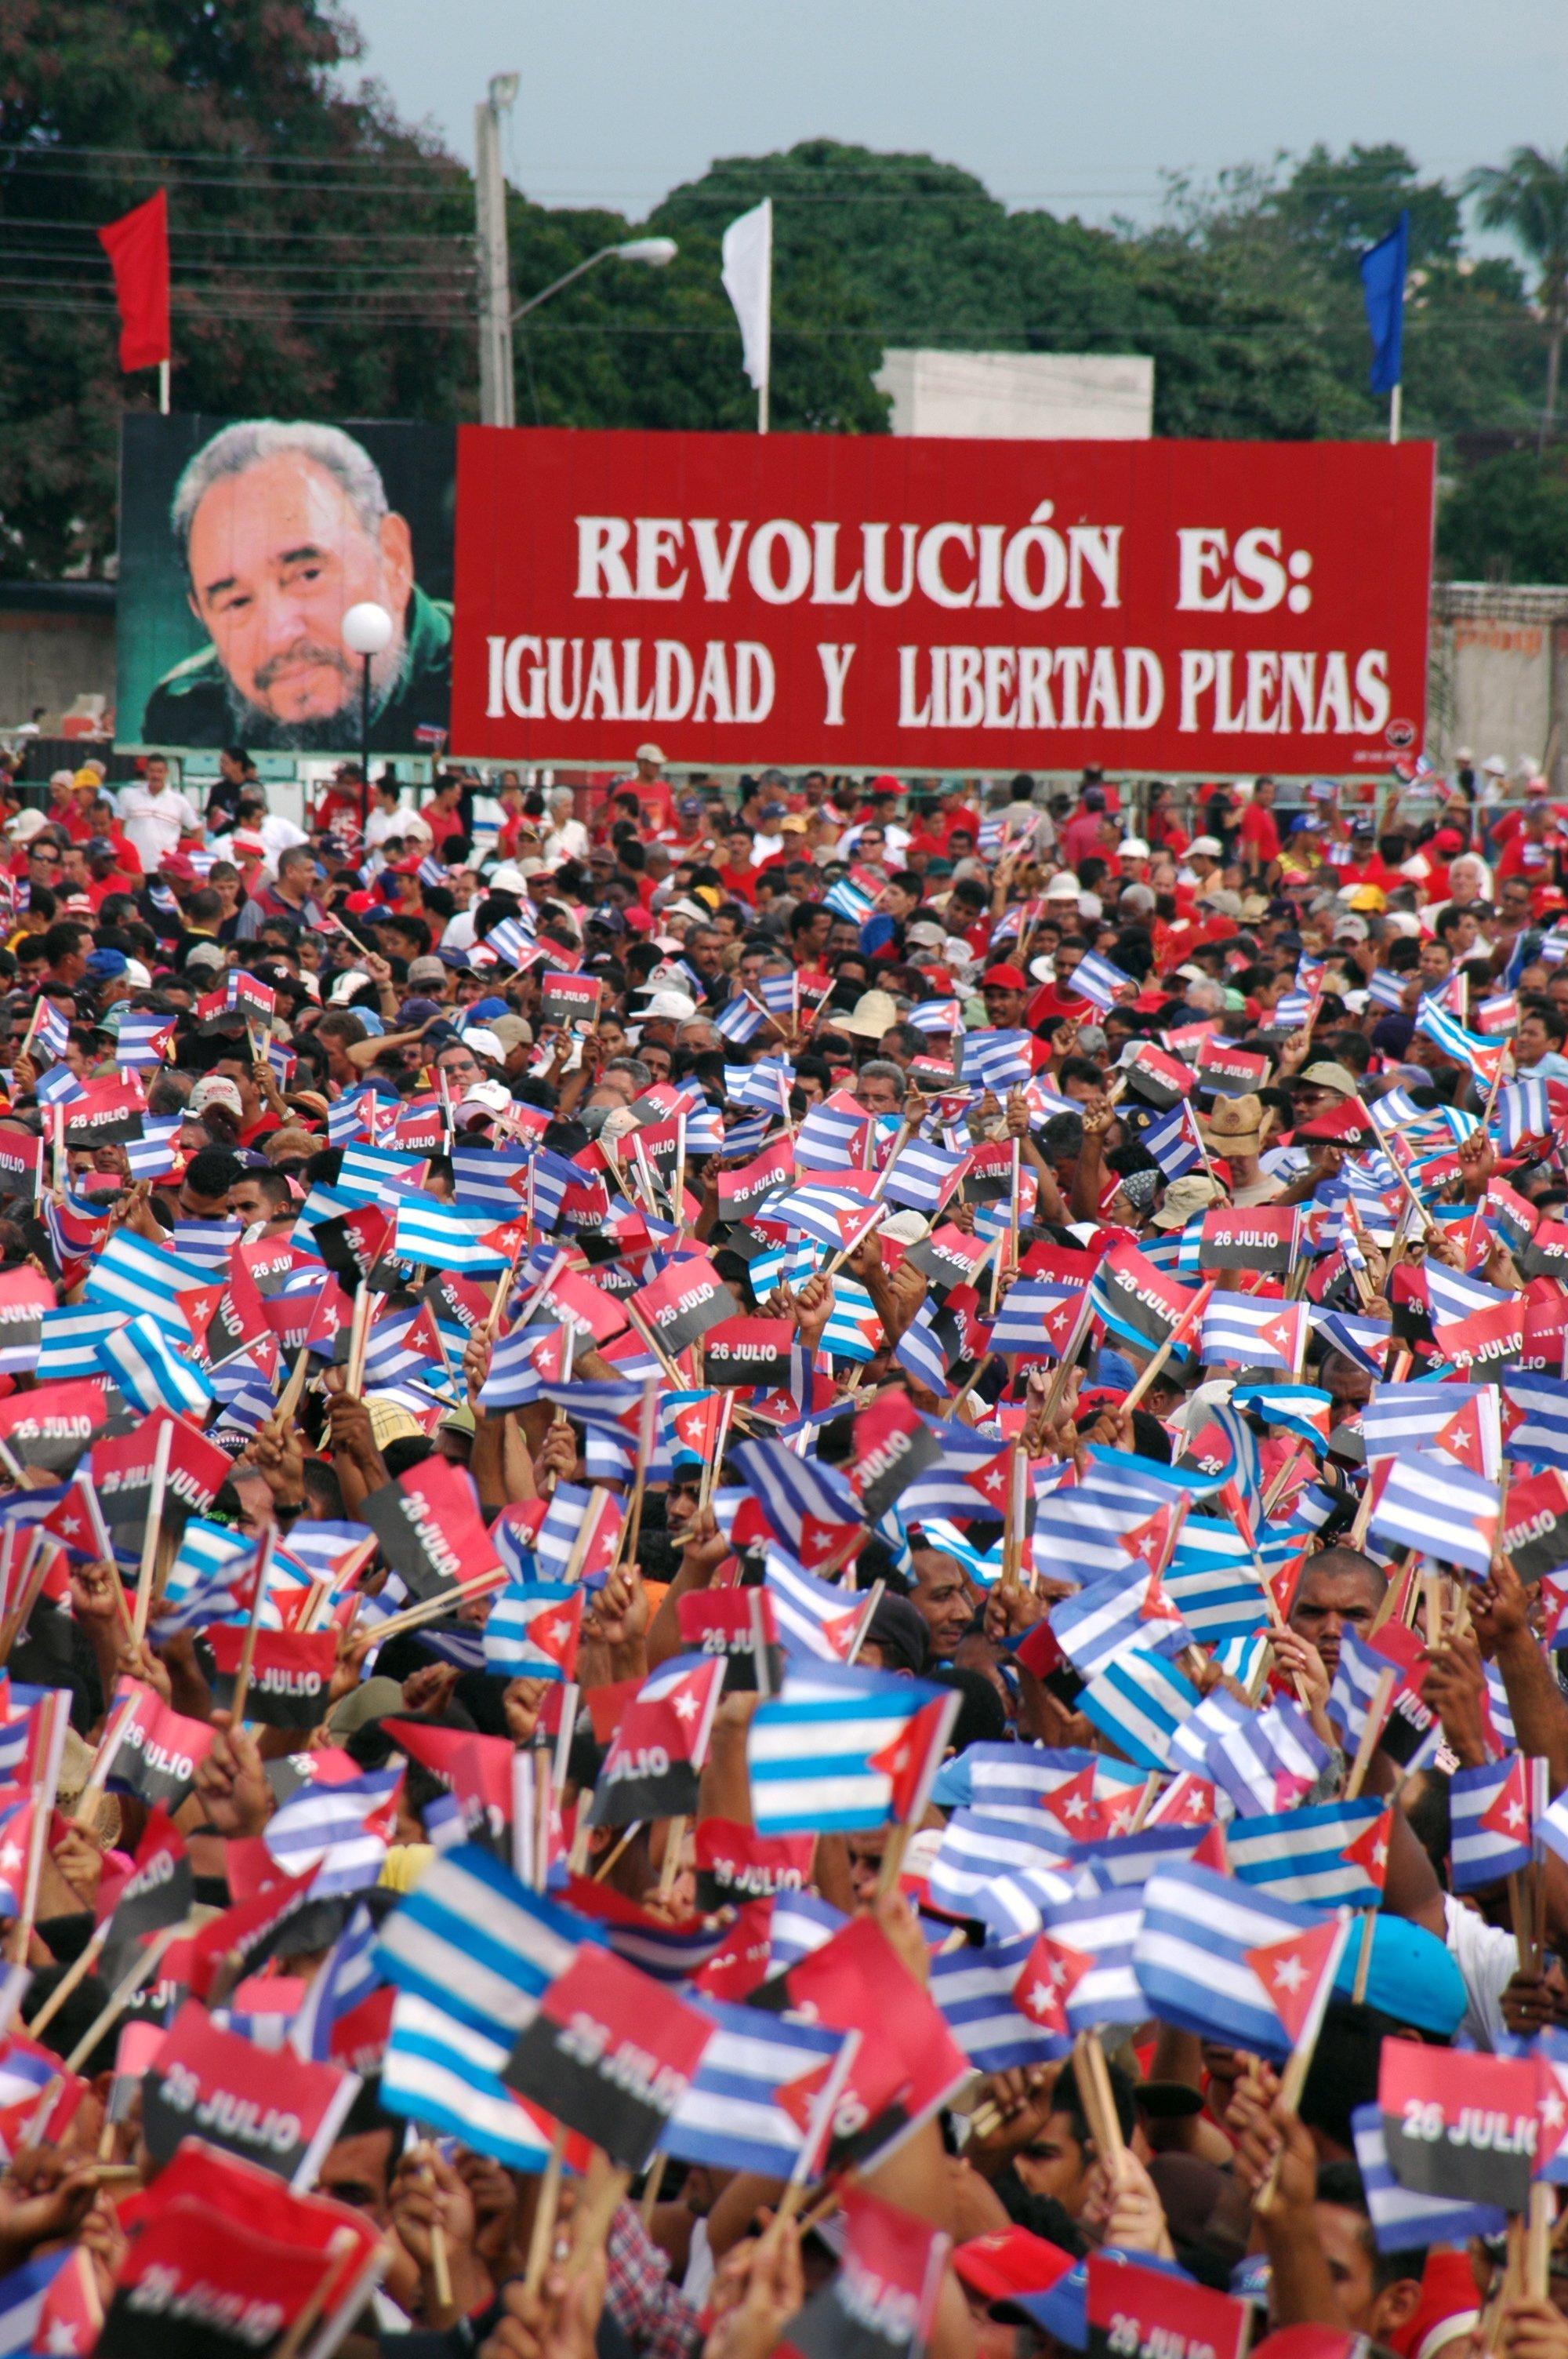 067-Cuba July 26 322